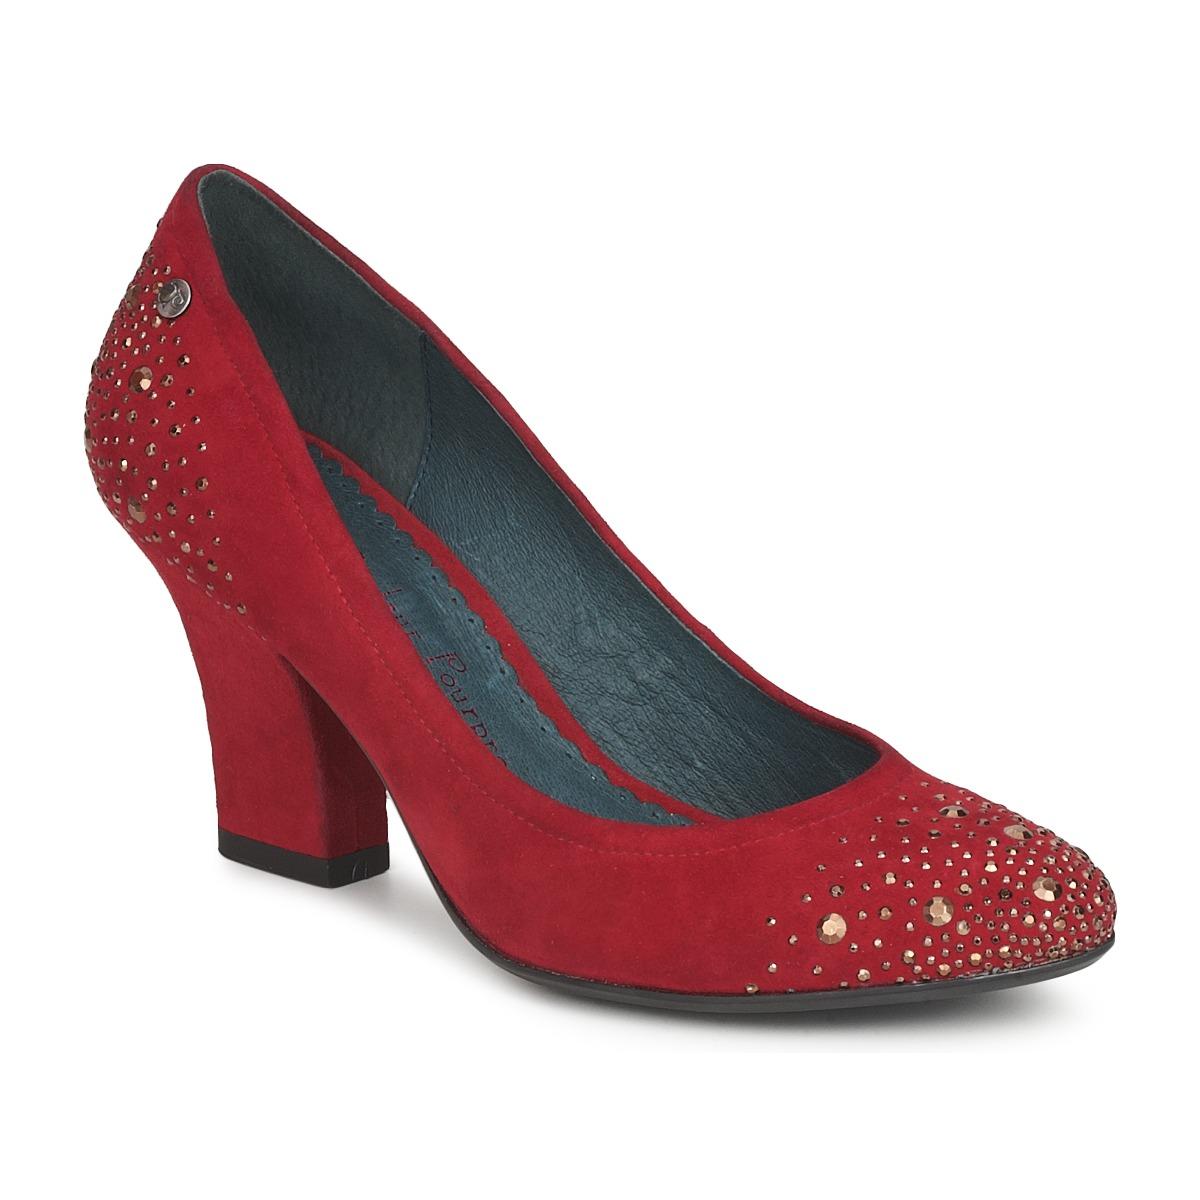 couleur pourpre gen rouge livraison gratuite avec chaussures escarpins femme. Black Bedroom Furniture Sets. Home Design Ideas